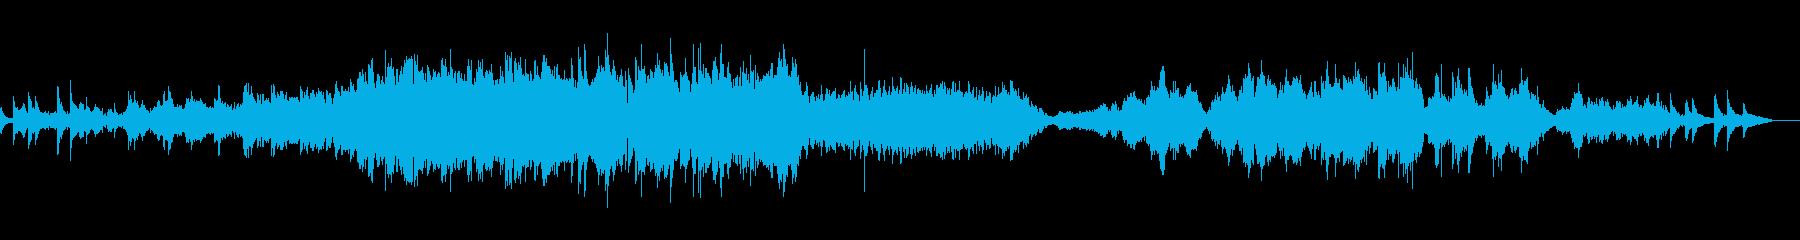 弦楽器メインのバラードの再生済みの波形